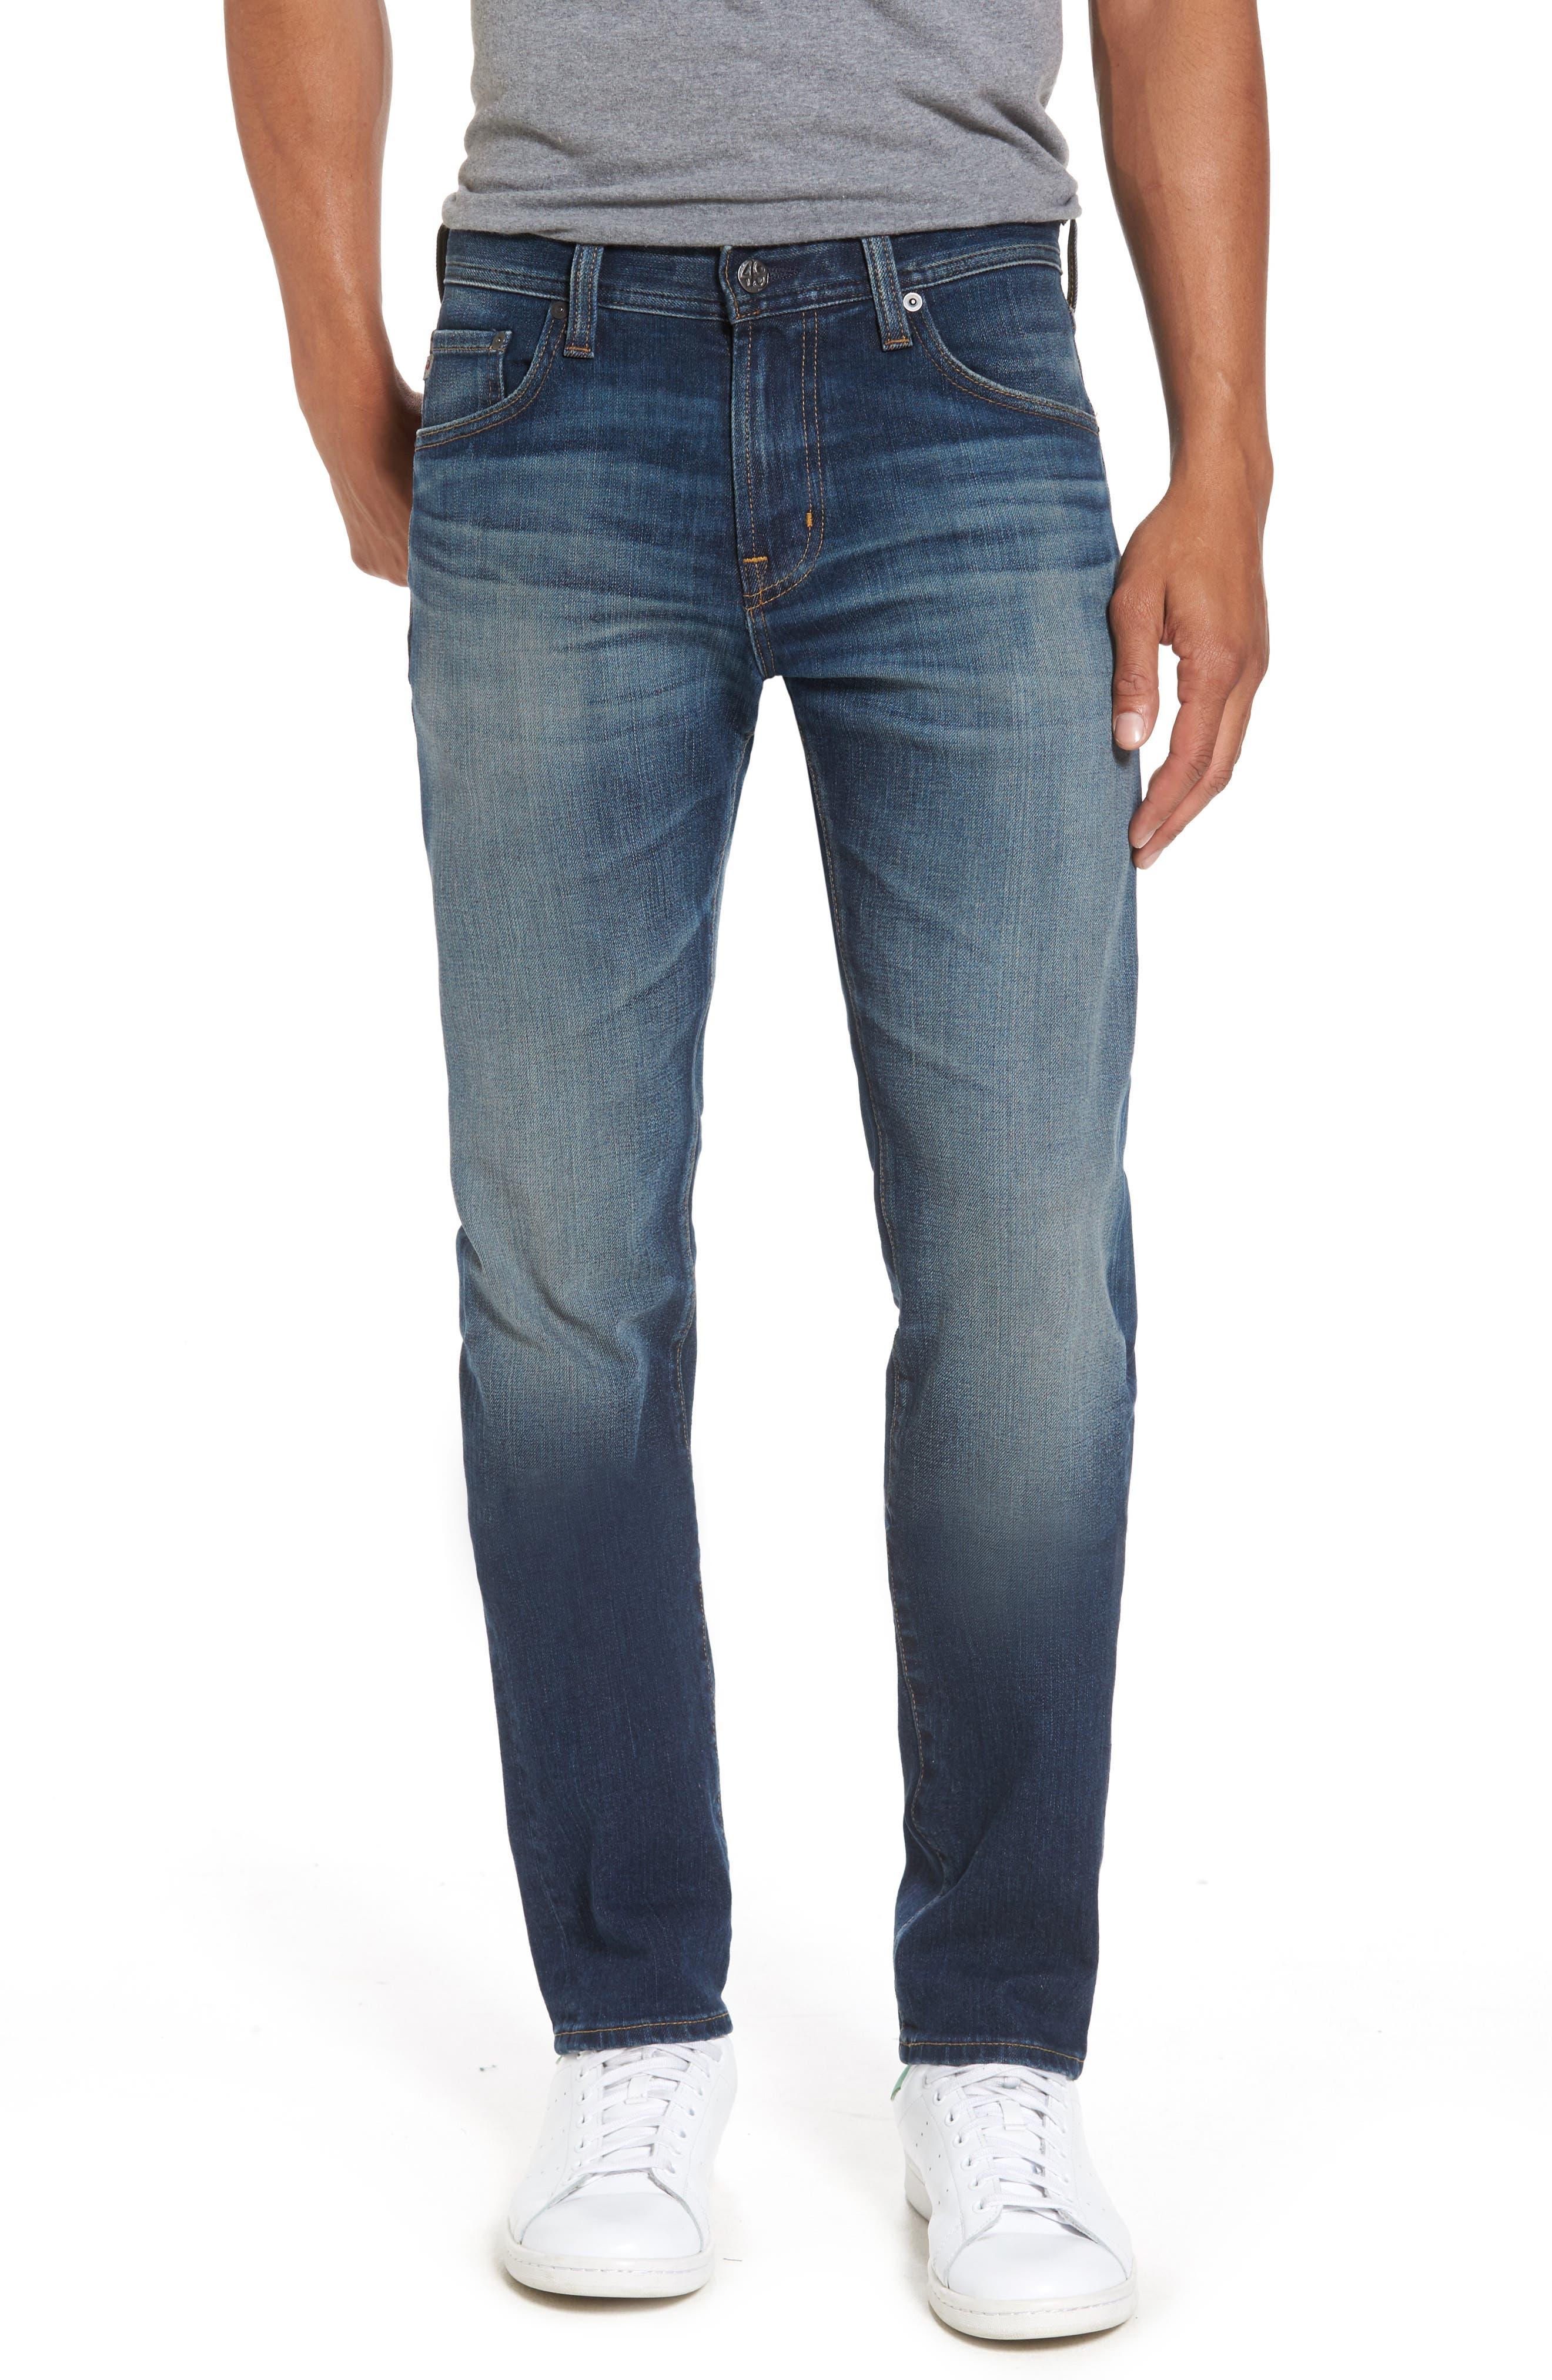 Tellis Slim Fit Jeans,                             Main thumbnail 1, color,                             496